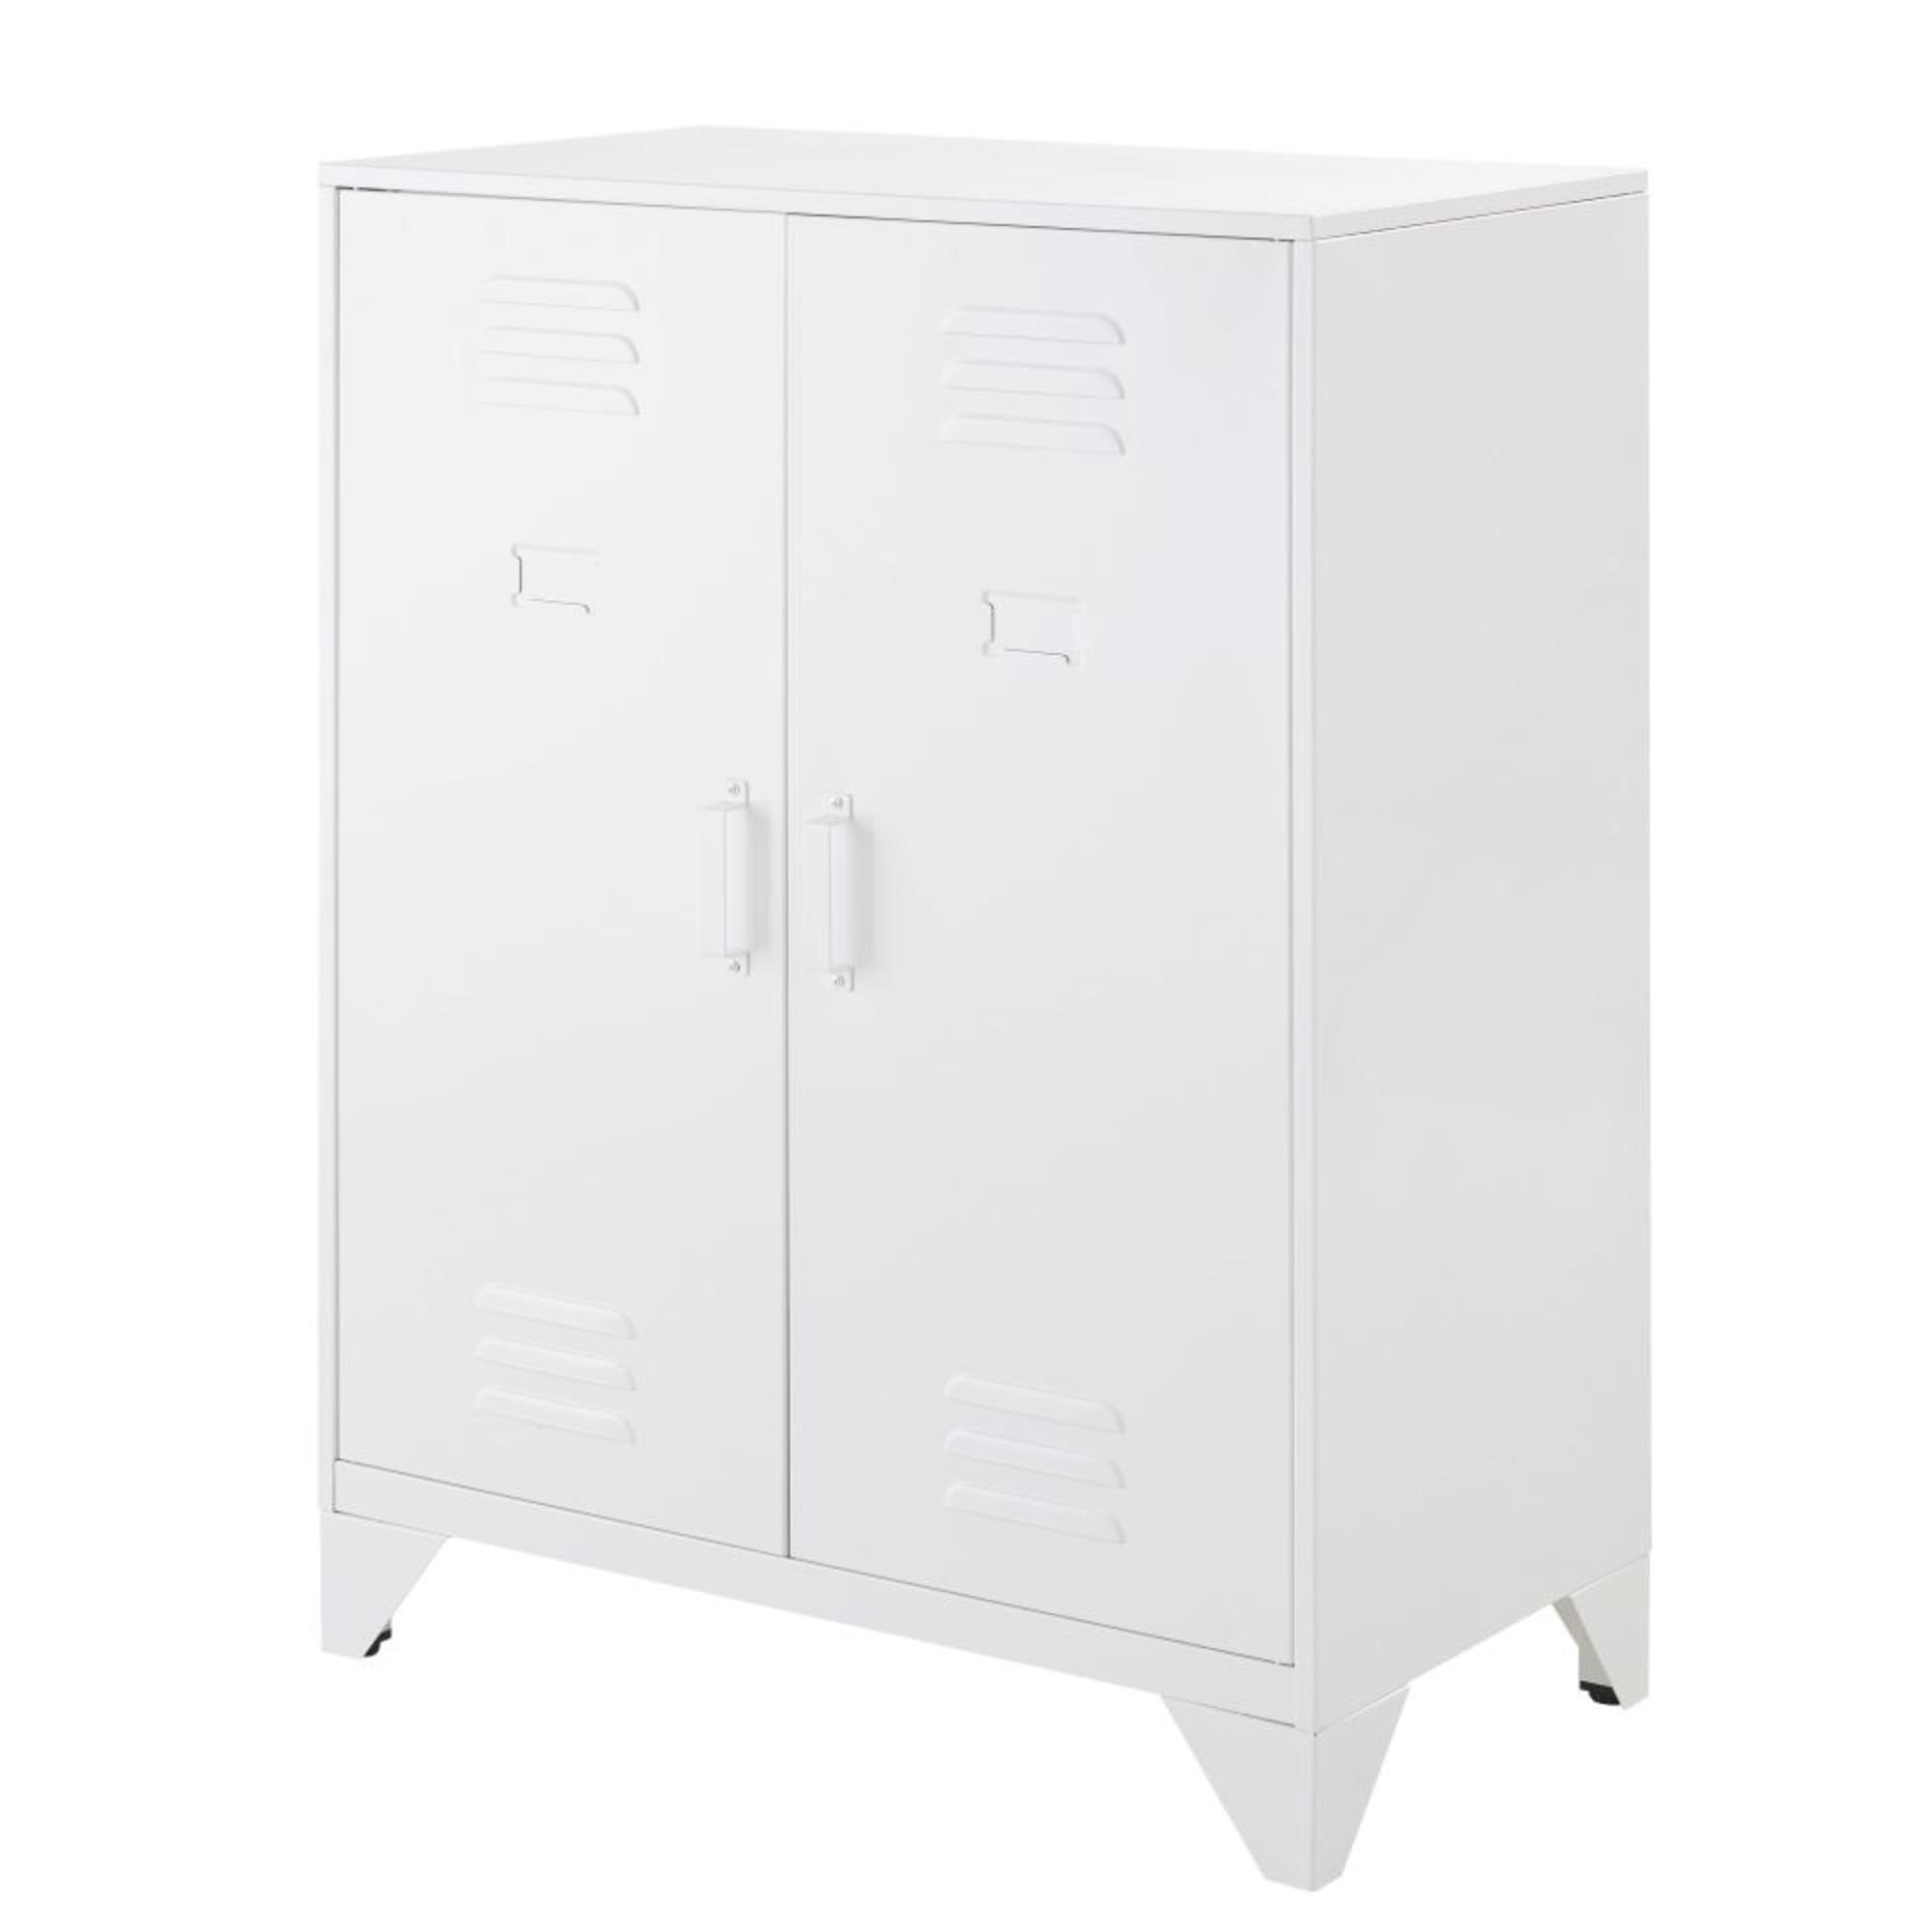 Cabinet De Rangement Indus 2 Etageres En Metal Blanc Cabinet De Rangement Rangement Et Etagere Metal